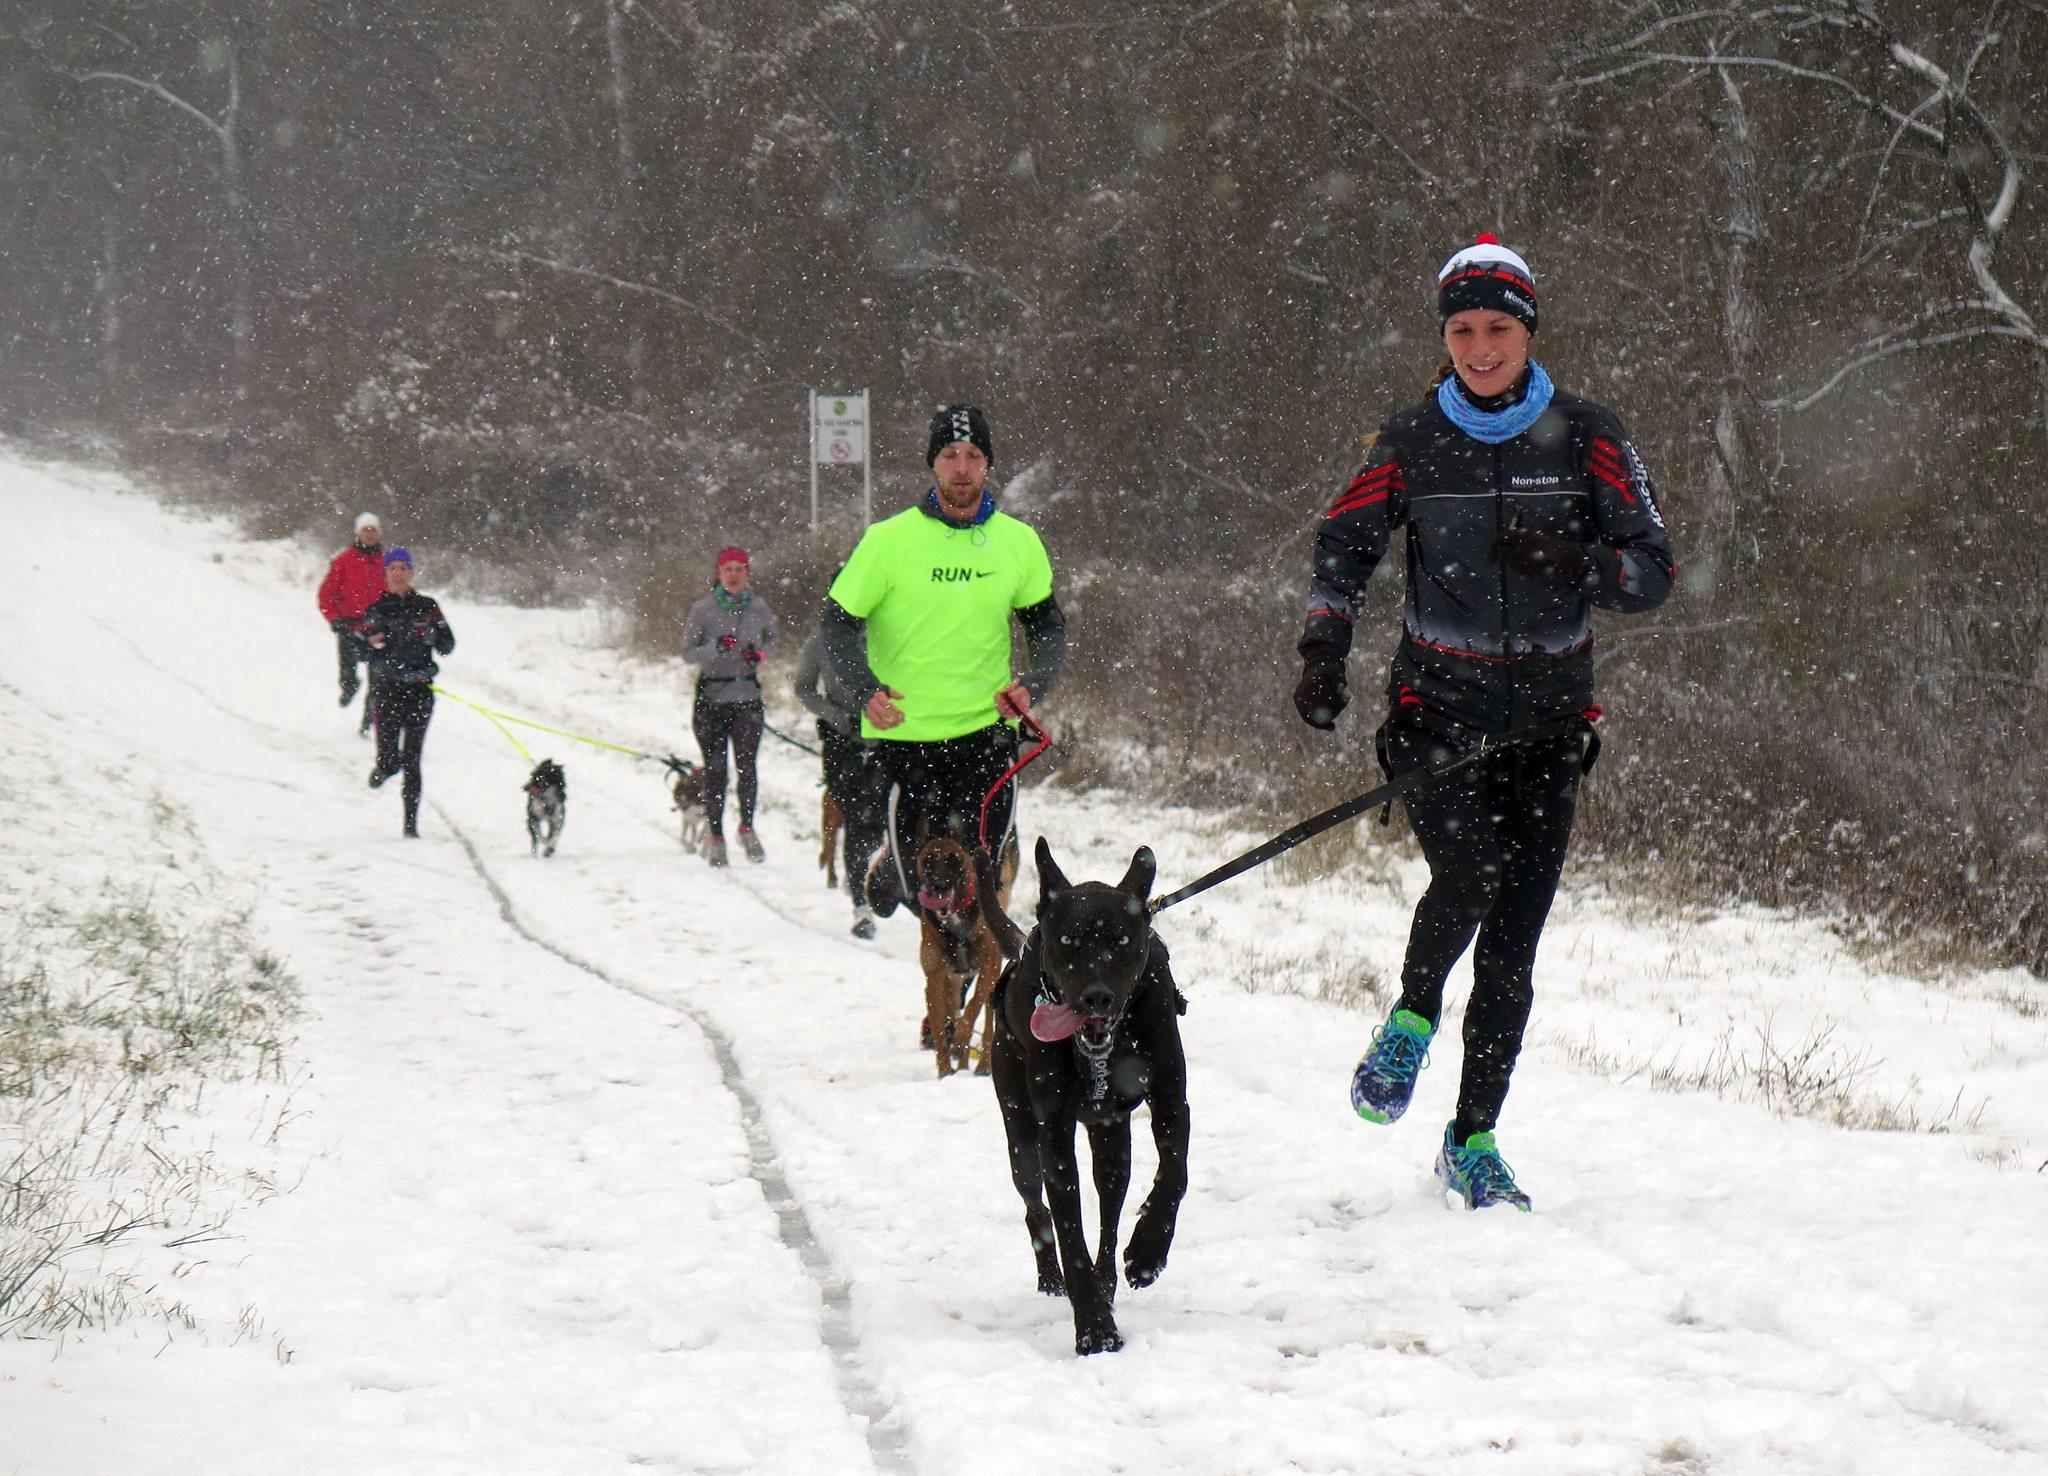 Na behanie so psom je práve zima ideálna – psom sa v nízkych teplotách  dobre pracuje a tréningy tak môžu byť omnoho dlhšie ako v lete. fed8d328f5e